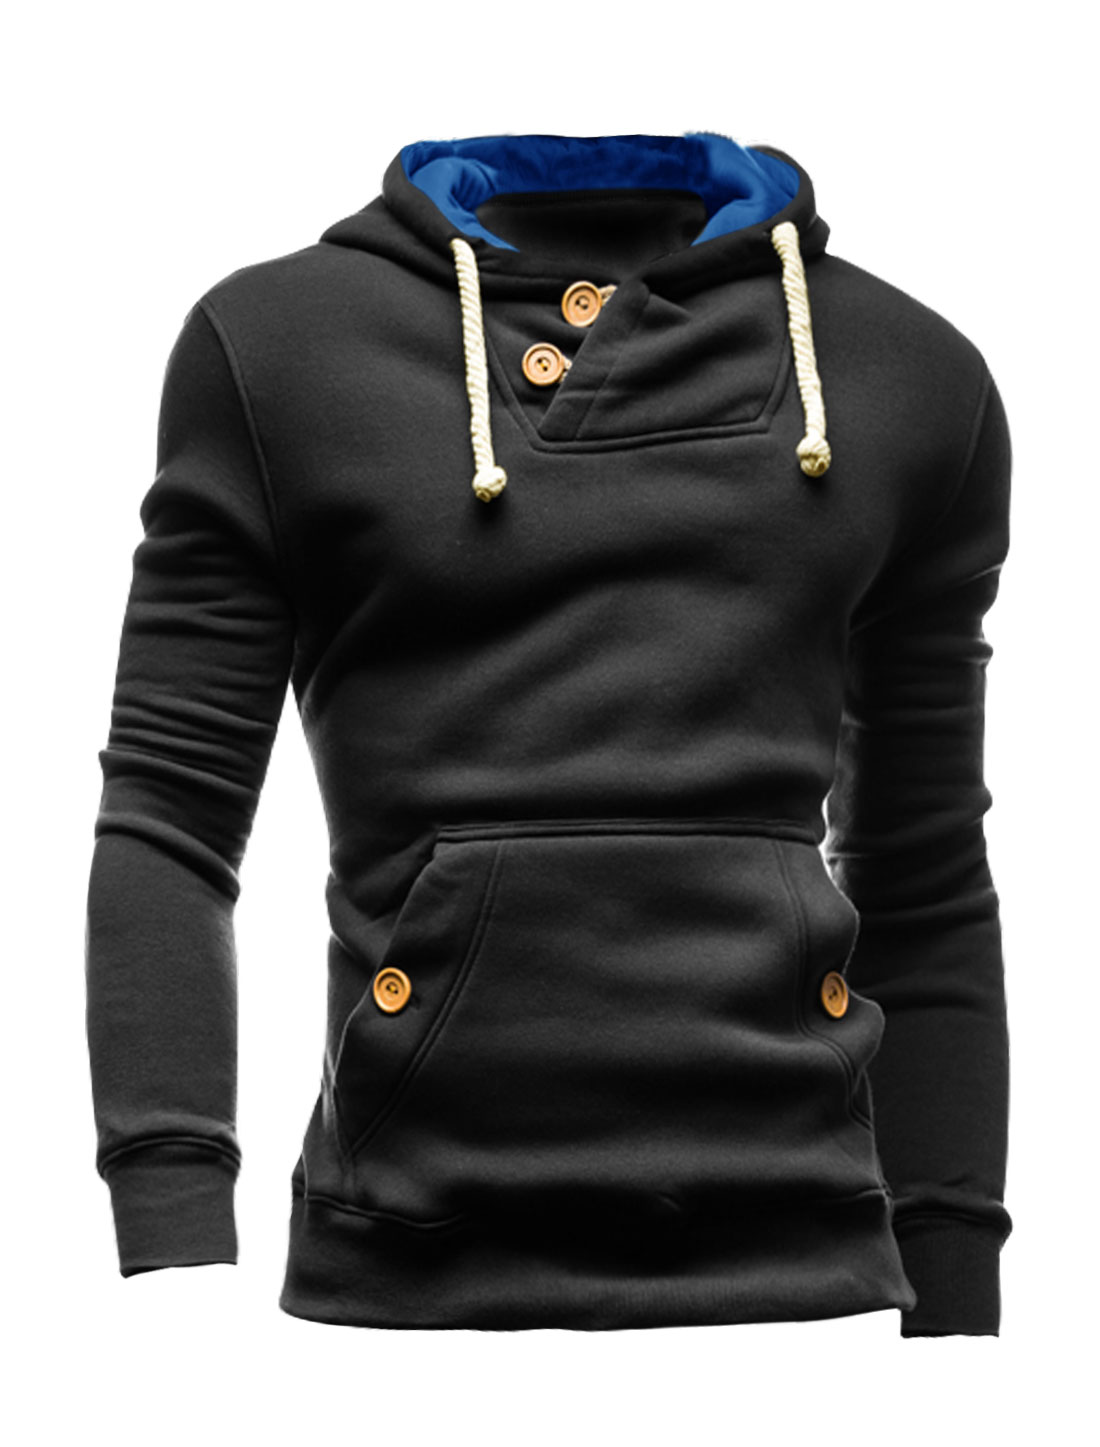 Men Button Loop Closure Kangaroo Pocket Slim Fit Hooded Sweatshirt Black M